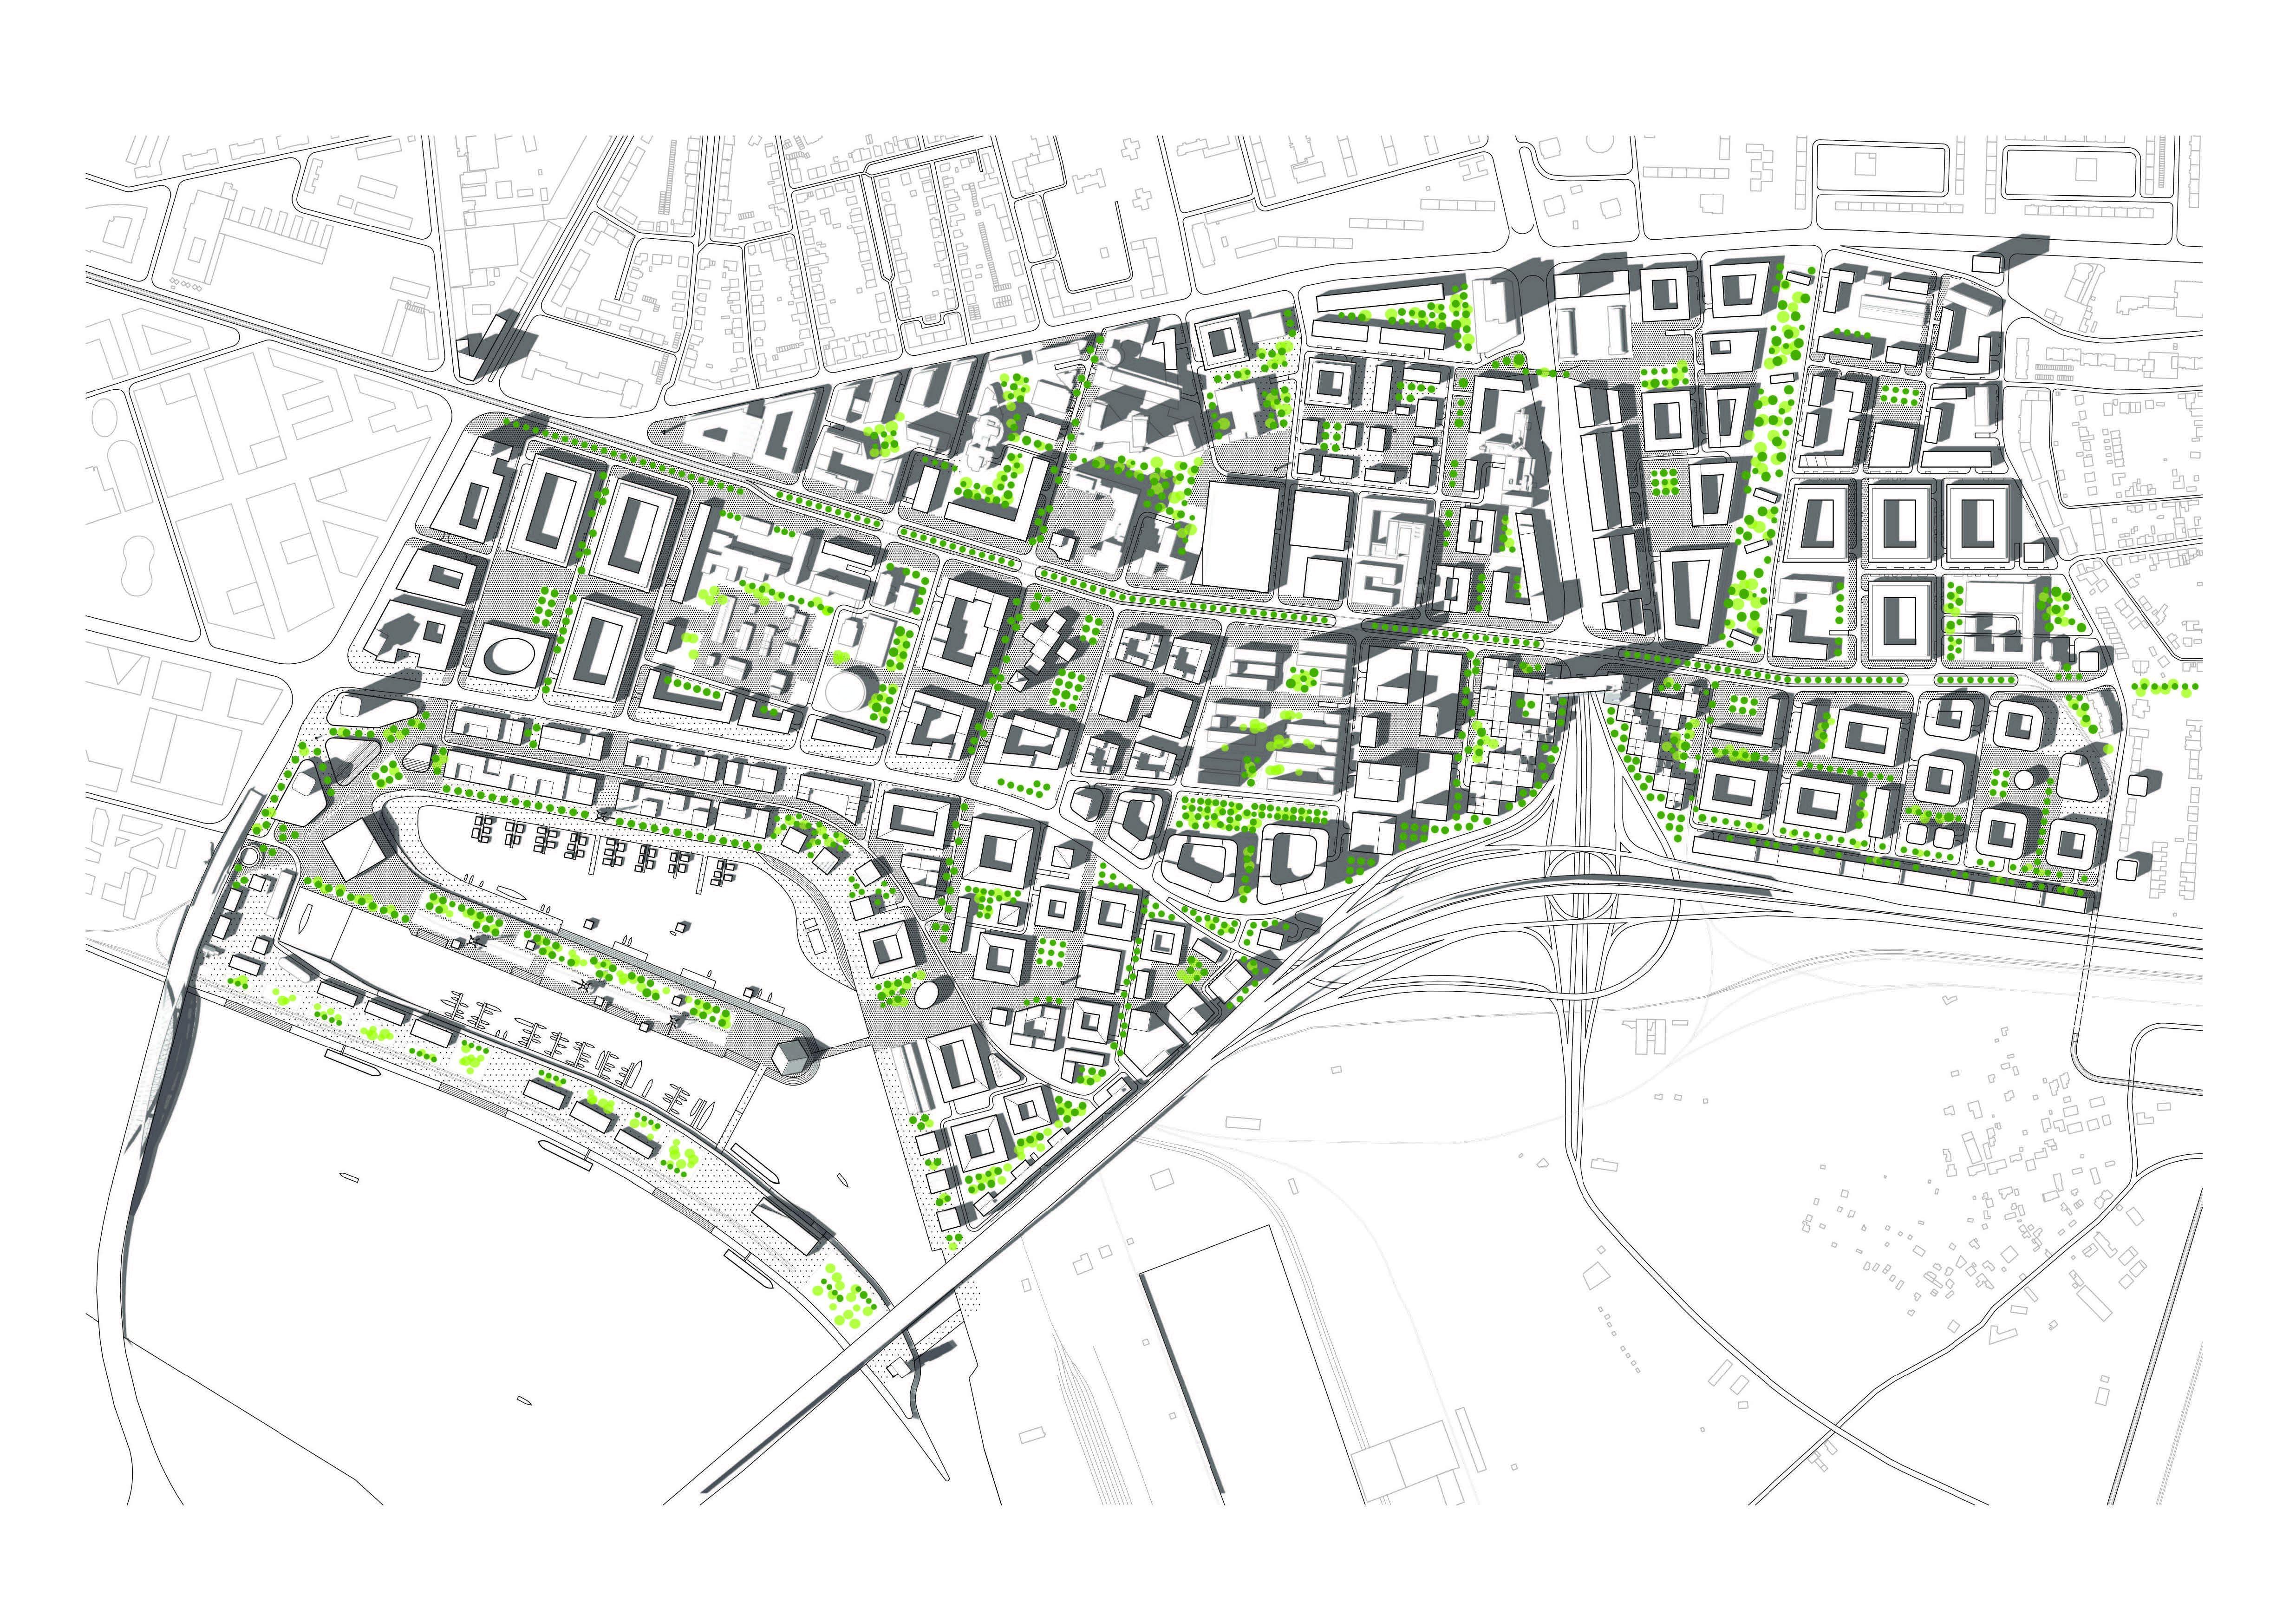 fd98bf3db76 Základnou myšlienkou riešenia je rozmanitosť urbanistickej štruktúry